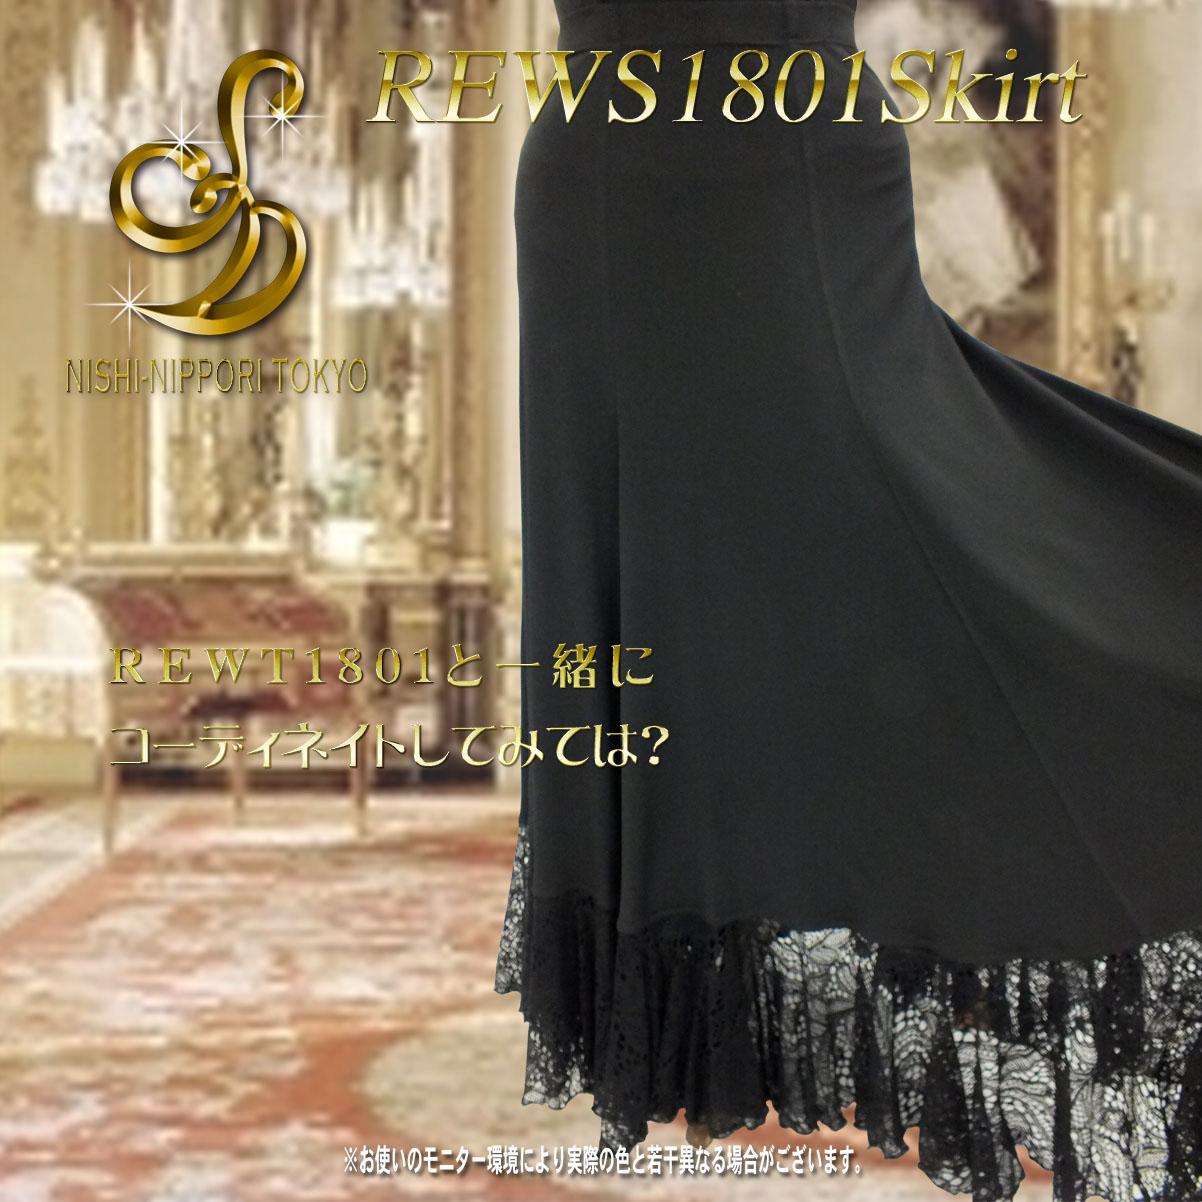 REWS1801 スカート BK(黒のみ)02